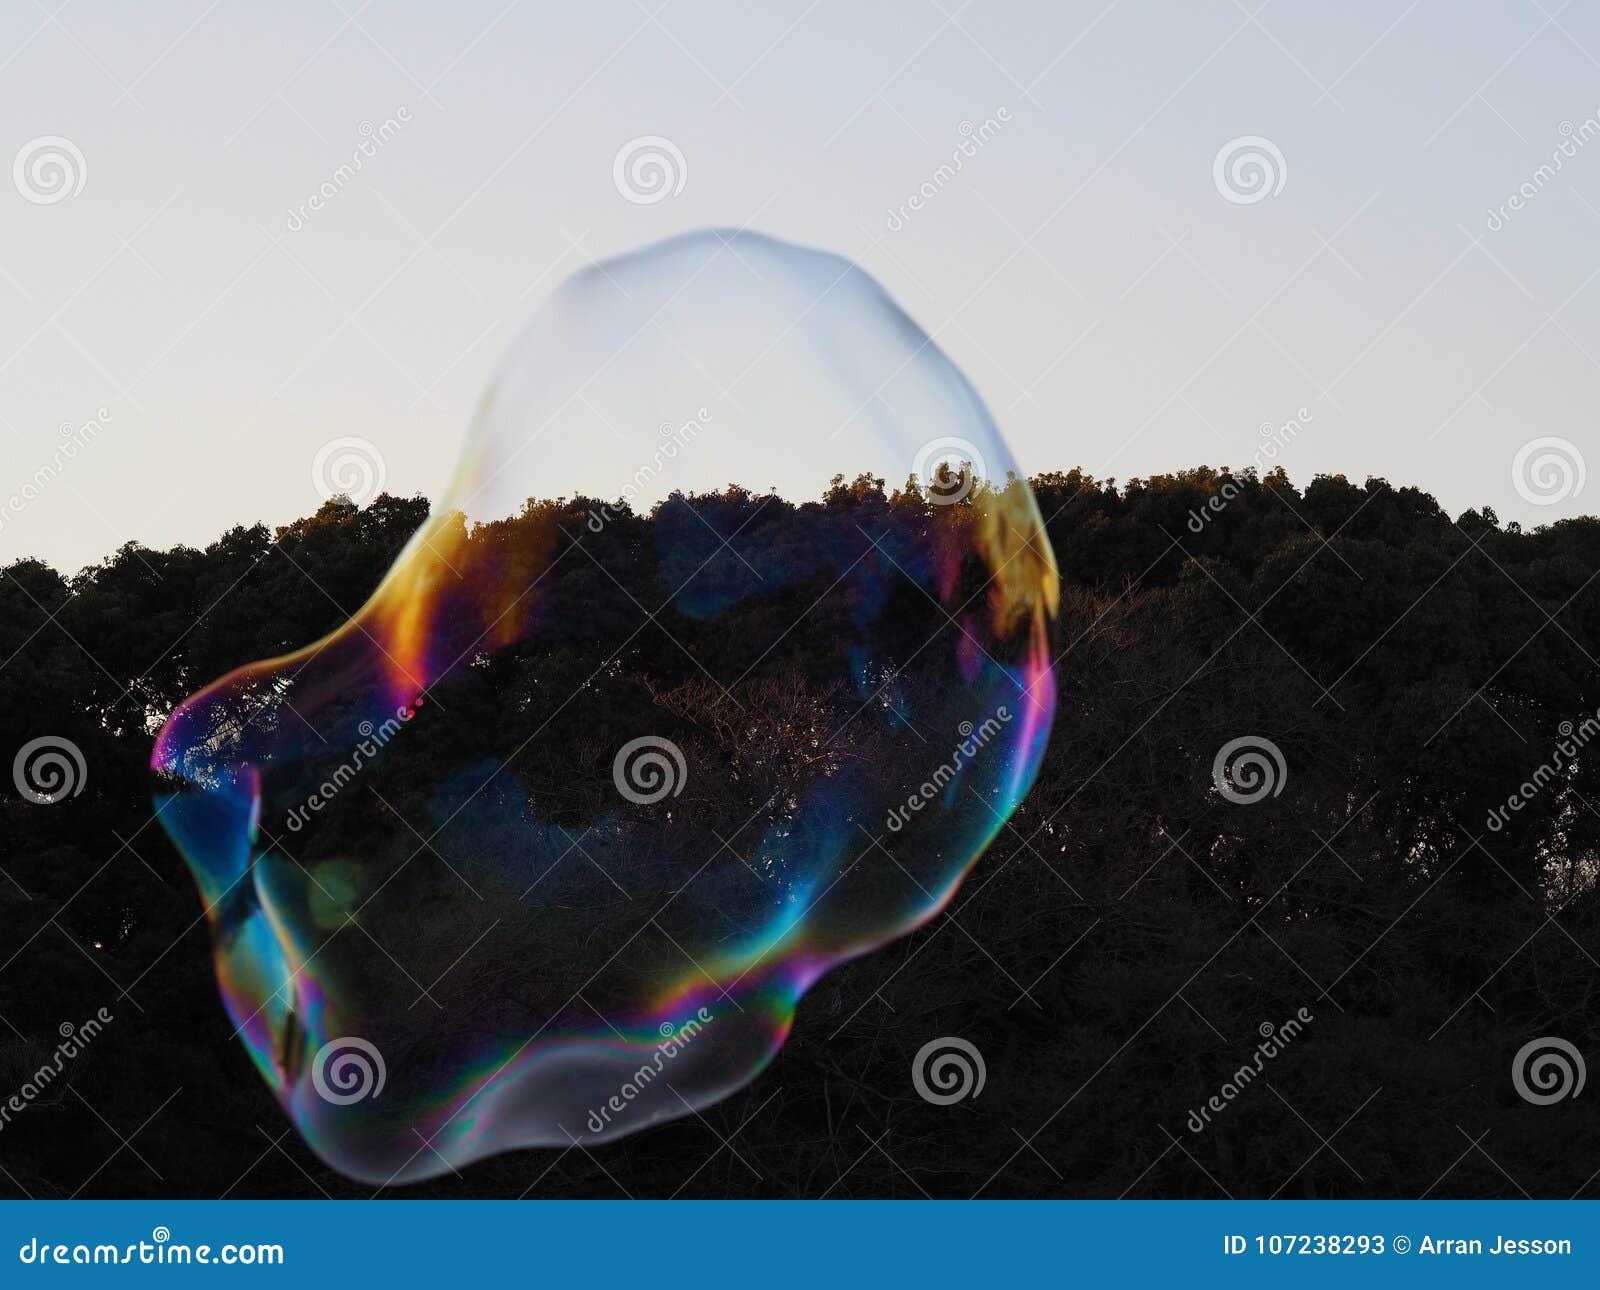 Burbuja enorme que refleja un arco iris de colores, puesto en contraste por el bosque oscuro detrás de él y estallar alrededor